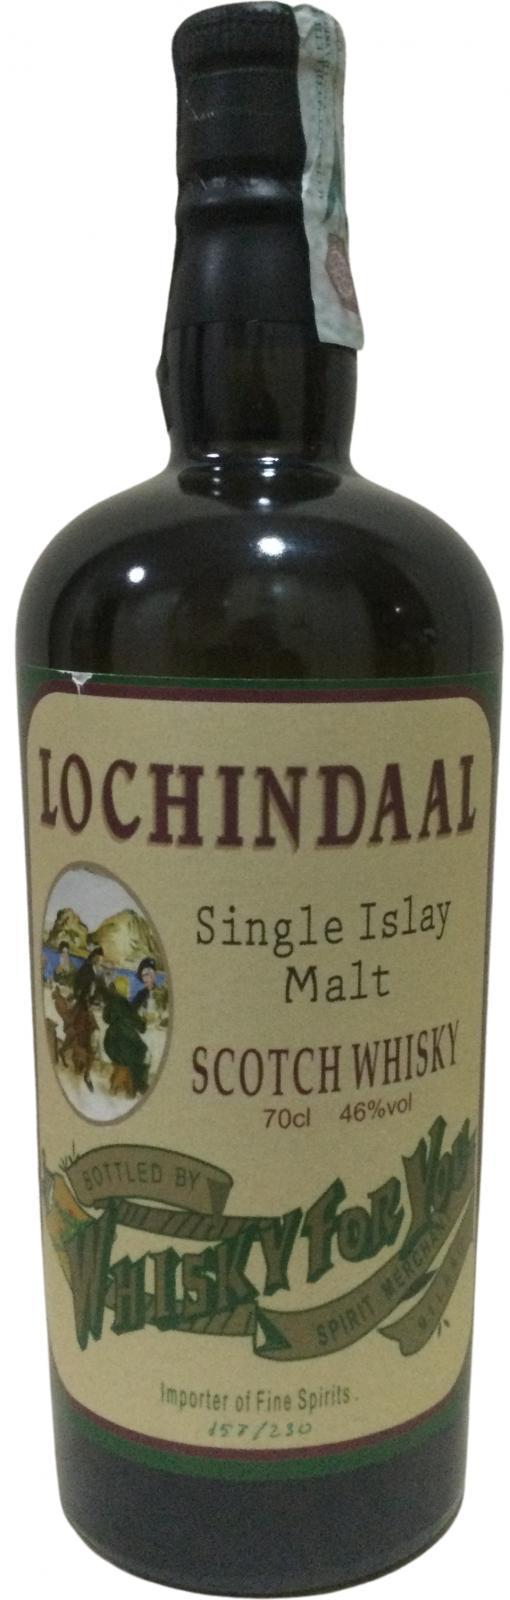 Lochindaal Single Islay Malt